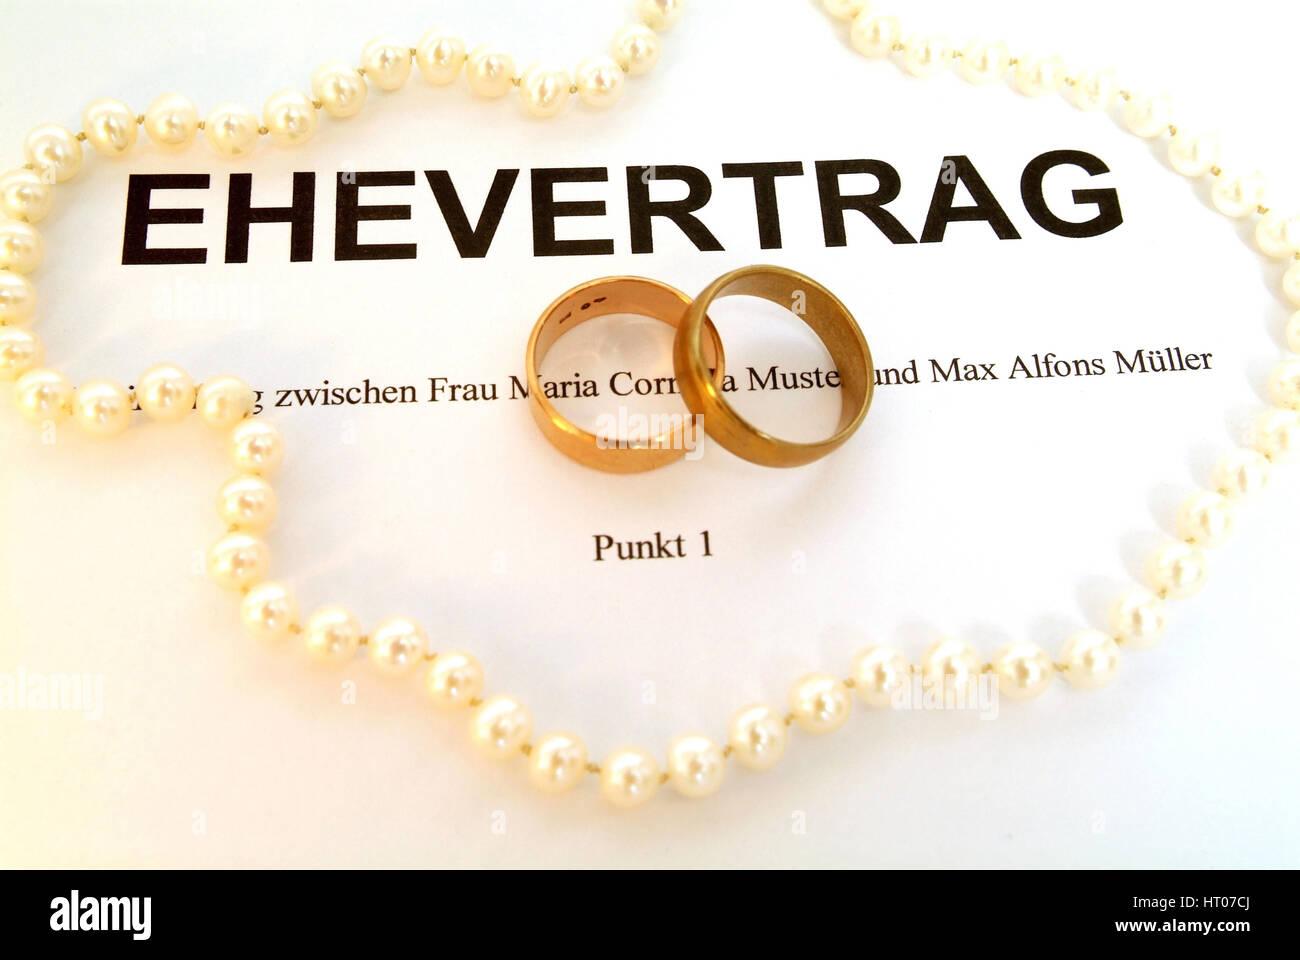 Symbolbild Ehevertrag - syymbolic for marriage contract Stock Photo